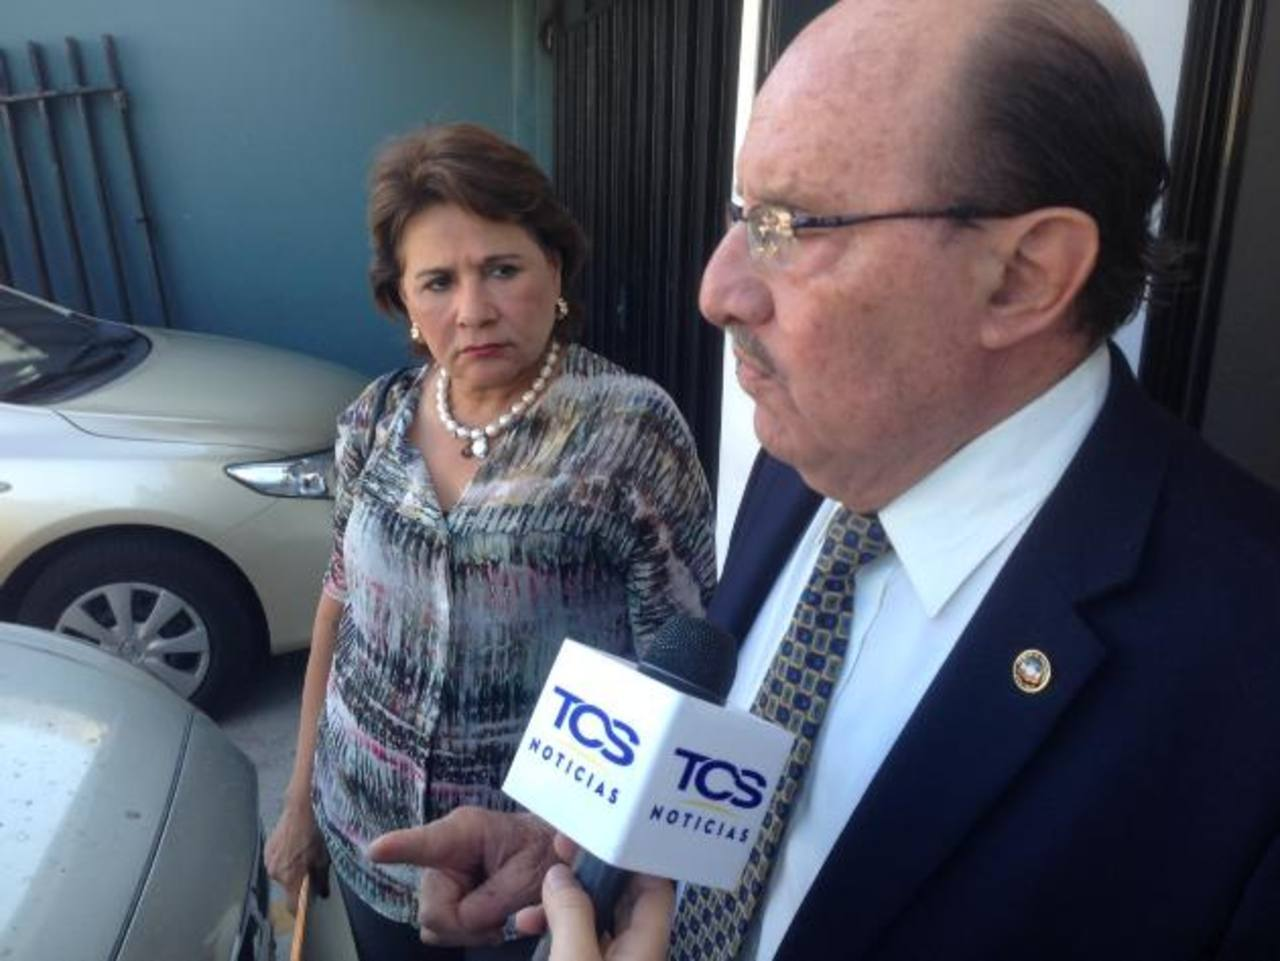 Los diputados Mariella Peña Pinto (izquierda) y Mario Valiente, de ARENA, piden al TEG que también averigüe el proceso de compra de la Villa Dueñas, también al IPSFA. foto edh / cortesía